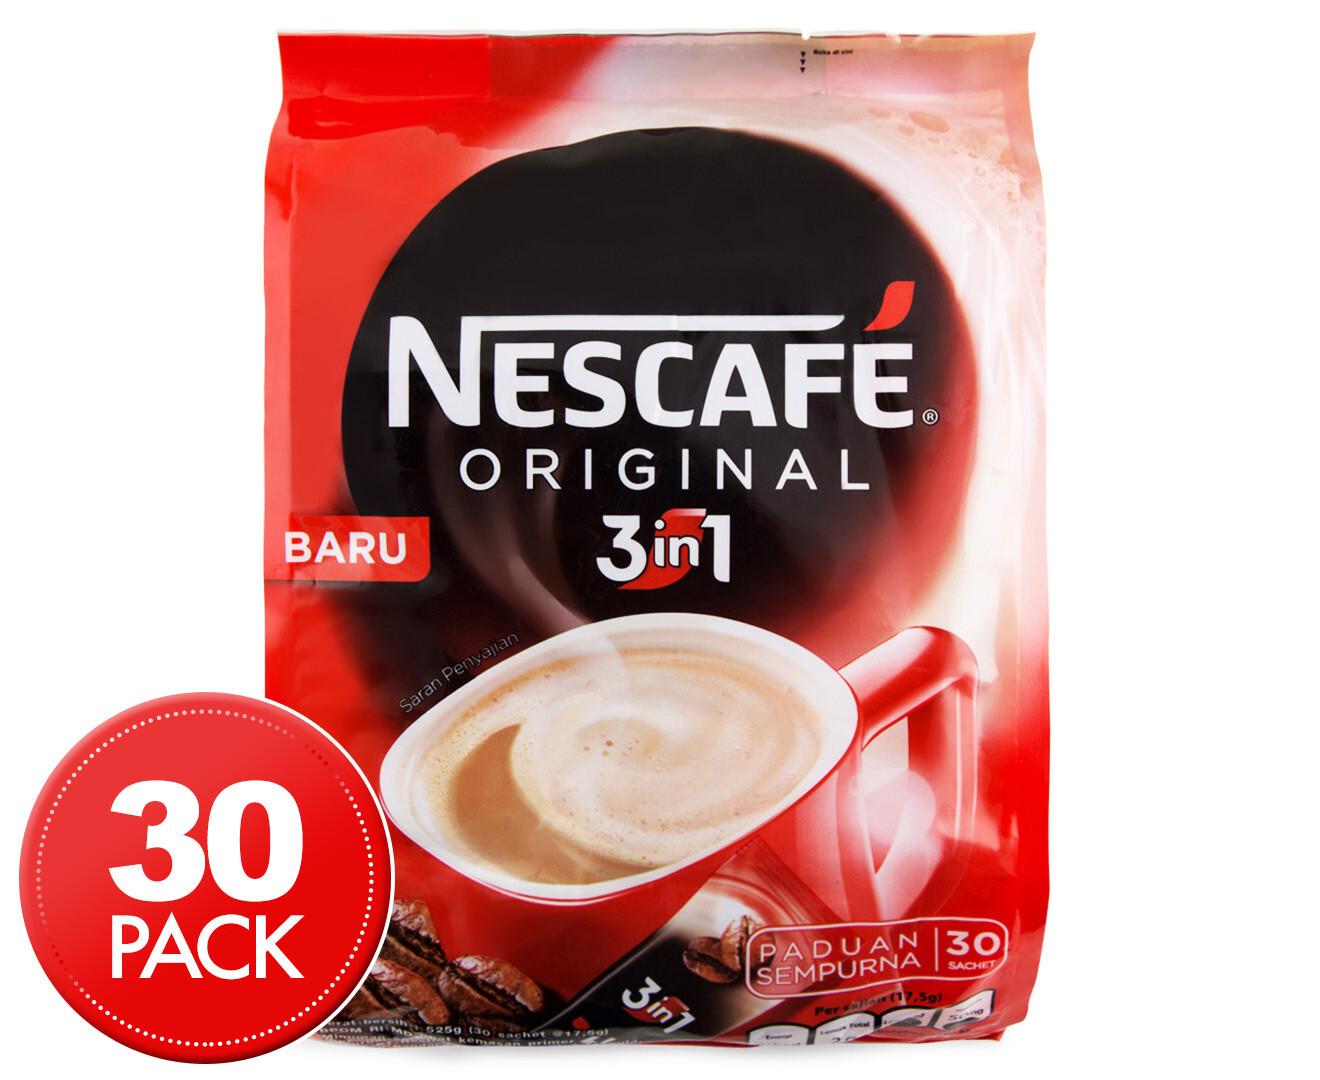 Nescafe ORIGINAL 3in1 CLASSIC 30 pcs